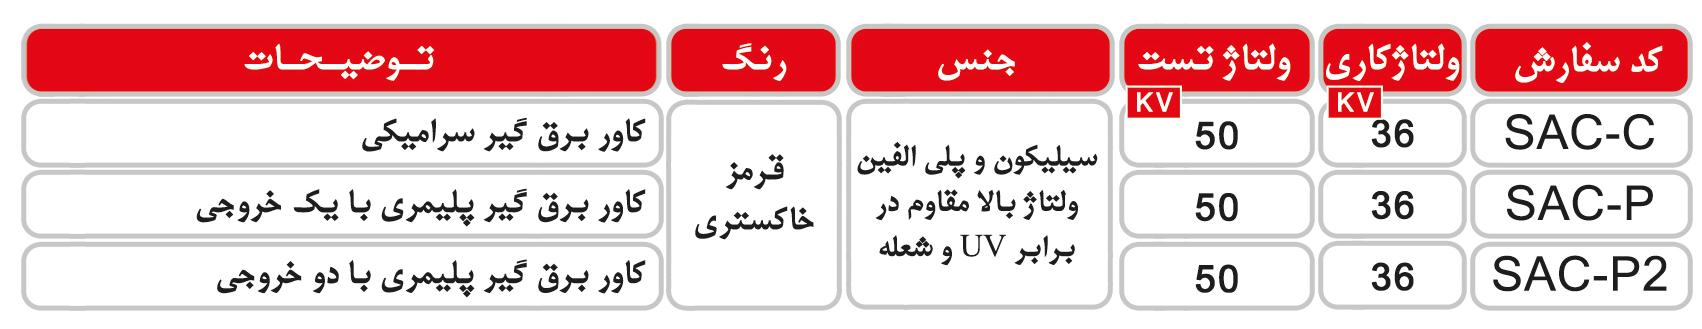 جدول مشخصات کاور برق گیر